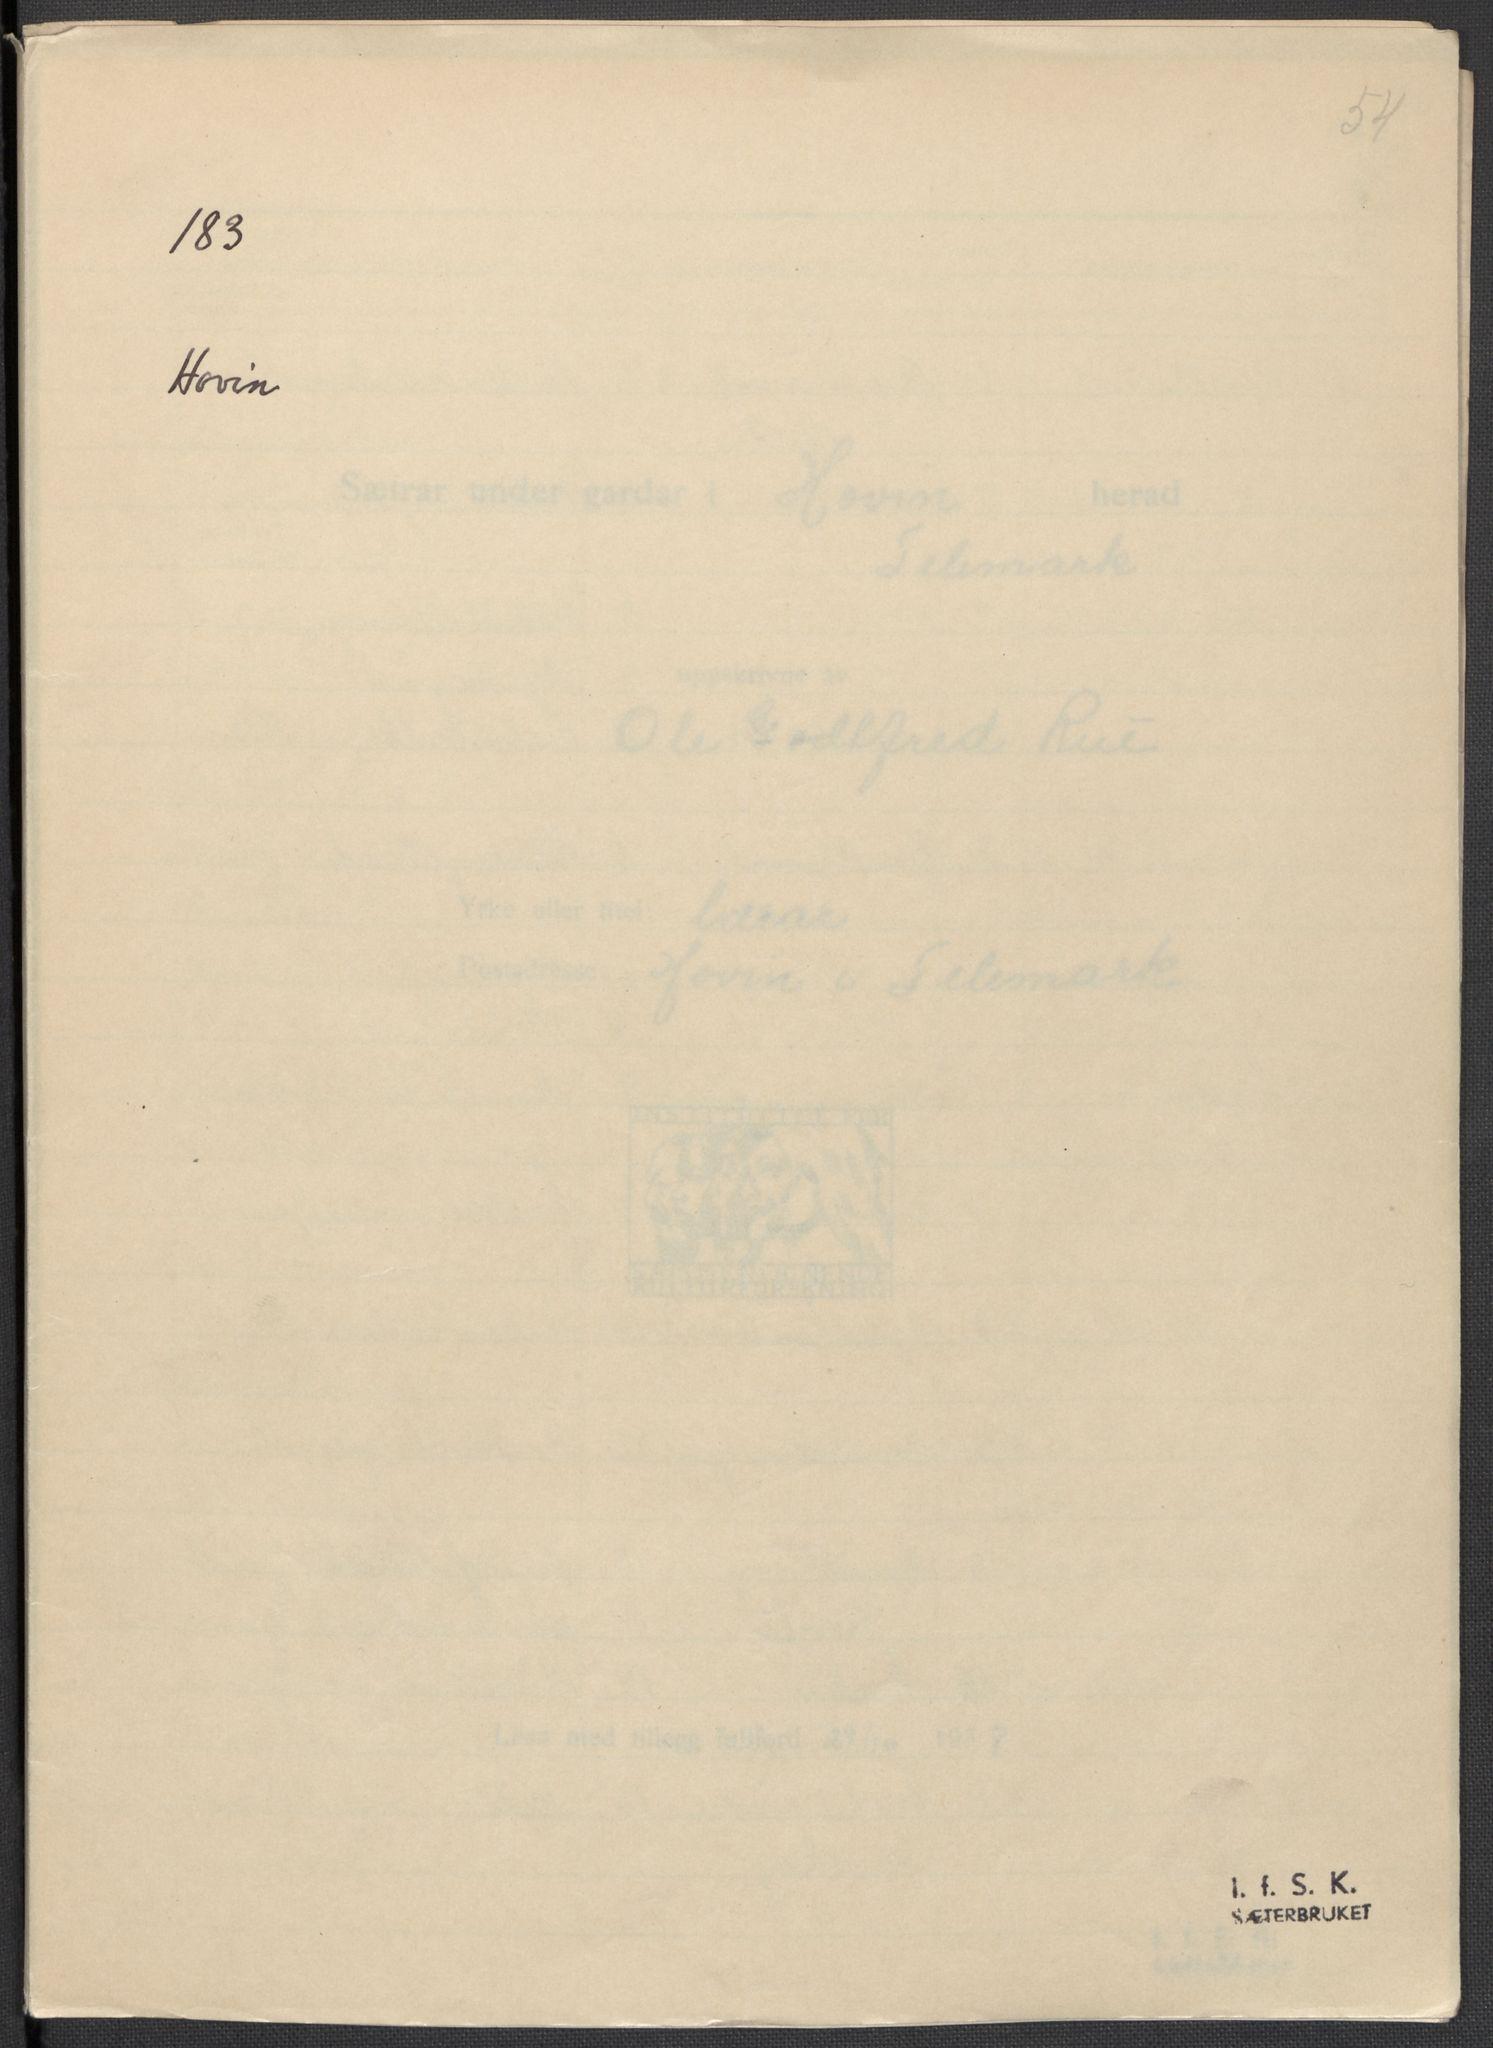 RA, Instituttet for sammenlignende kulturforskning, F/Fc/L0007: Eske B7:, 1934-1937, s. 54